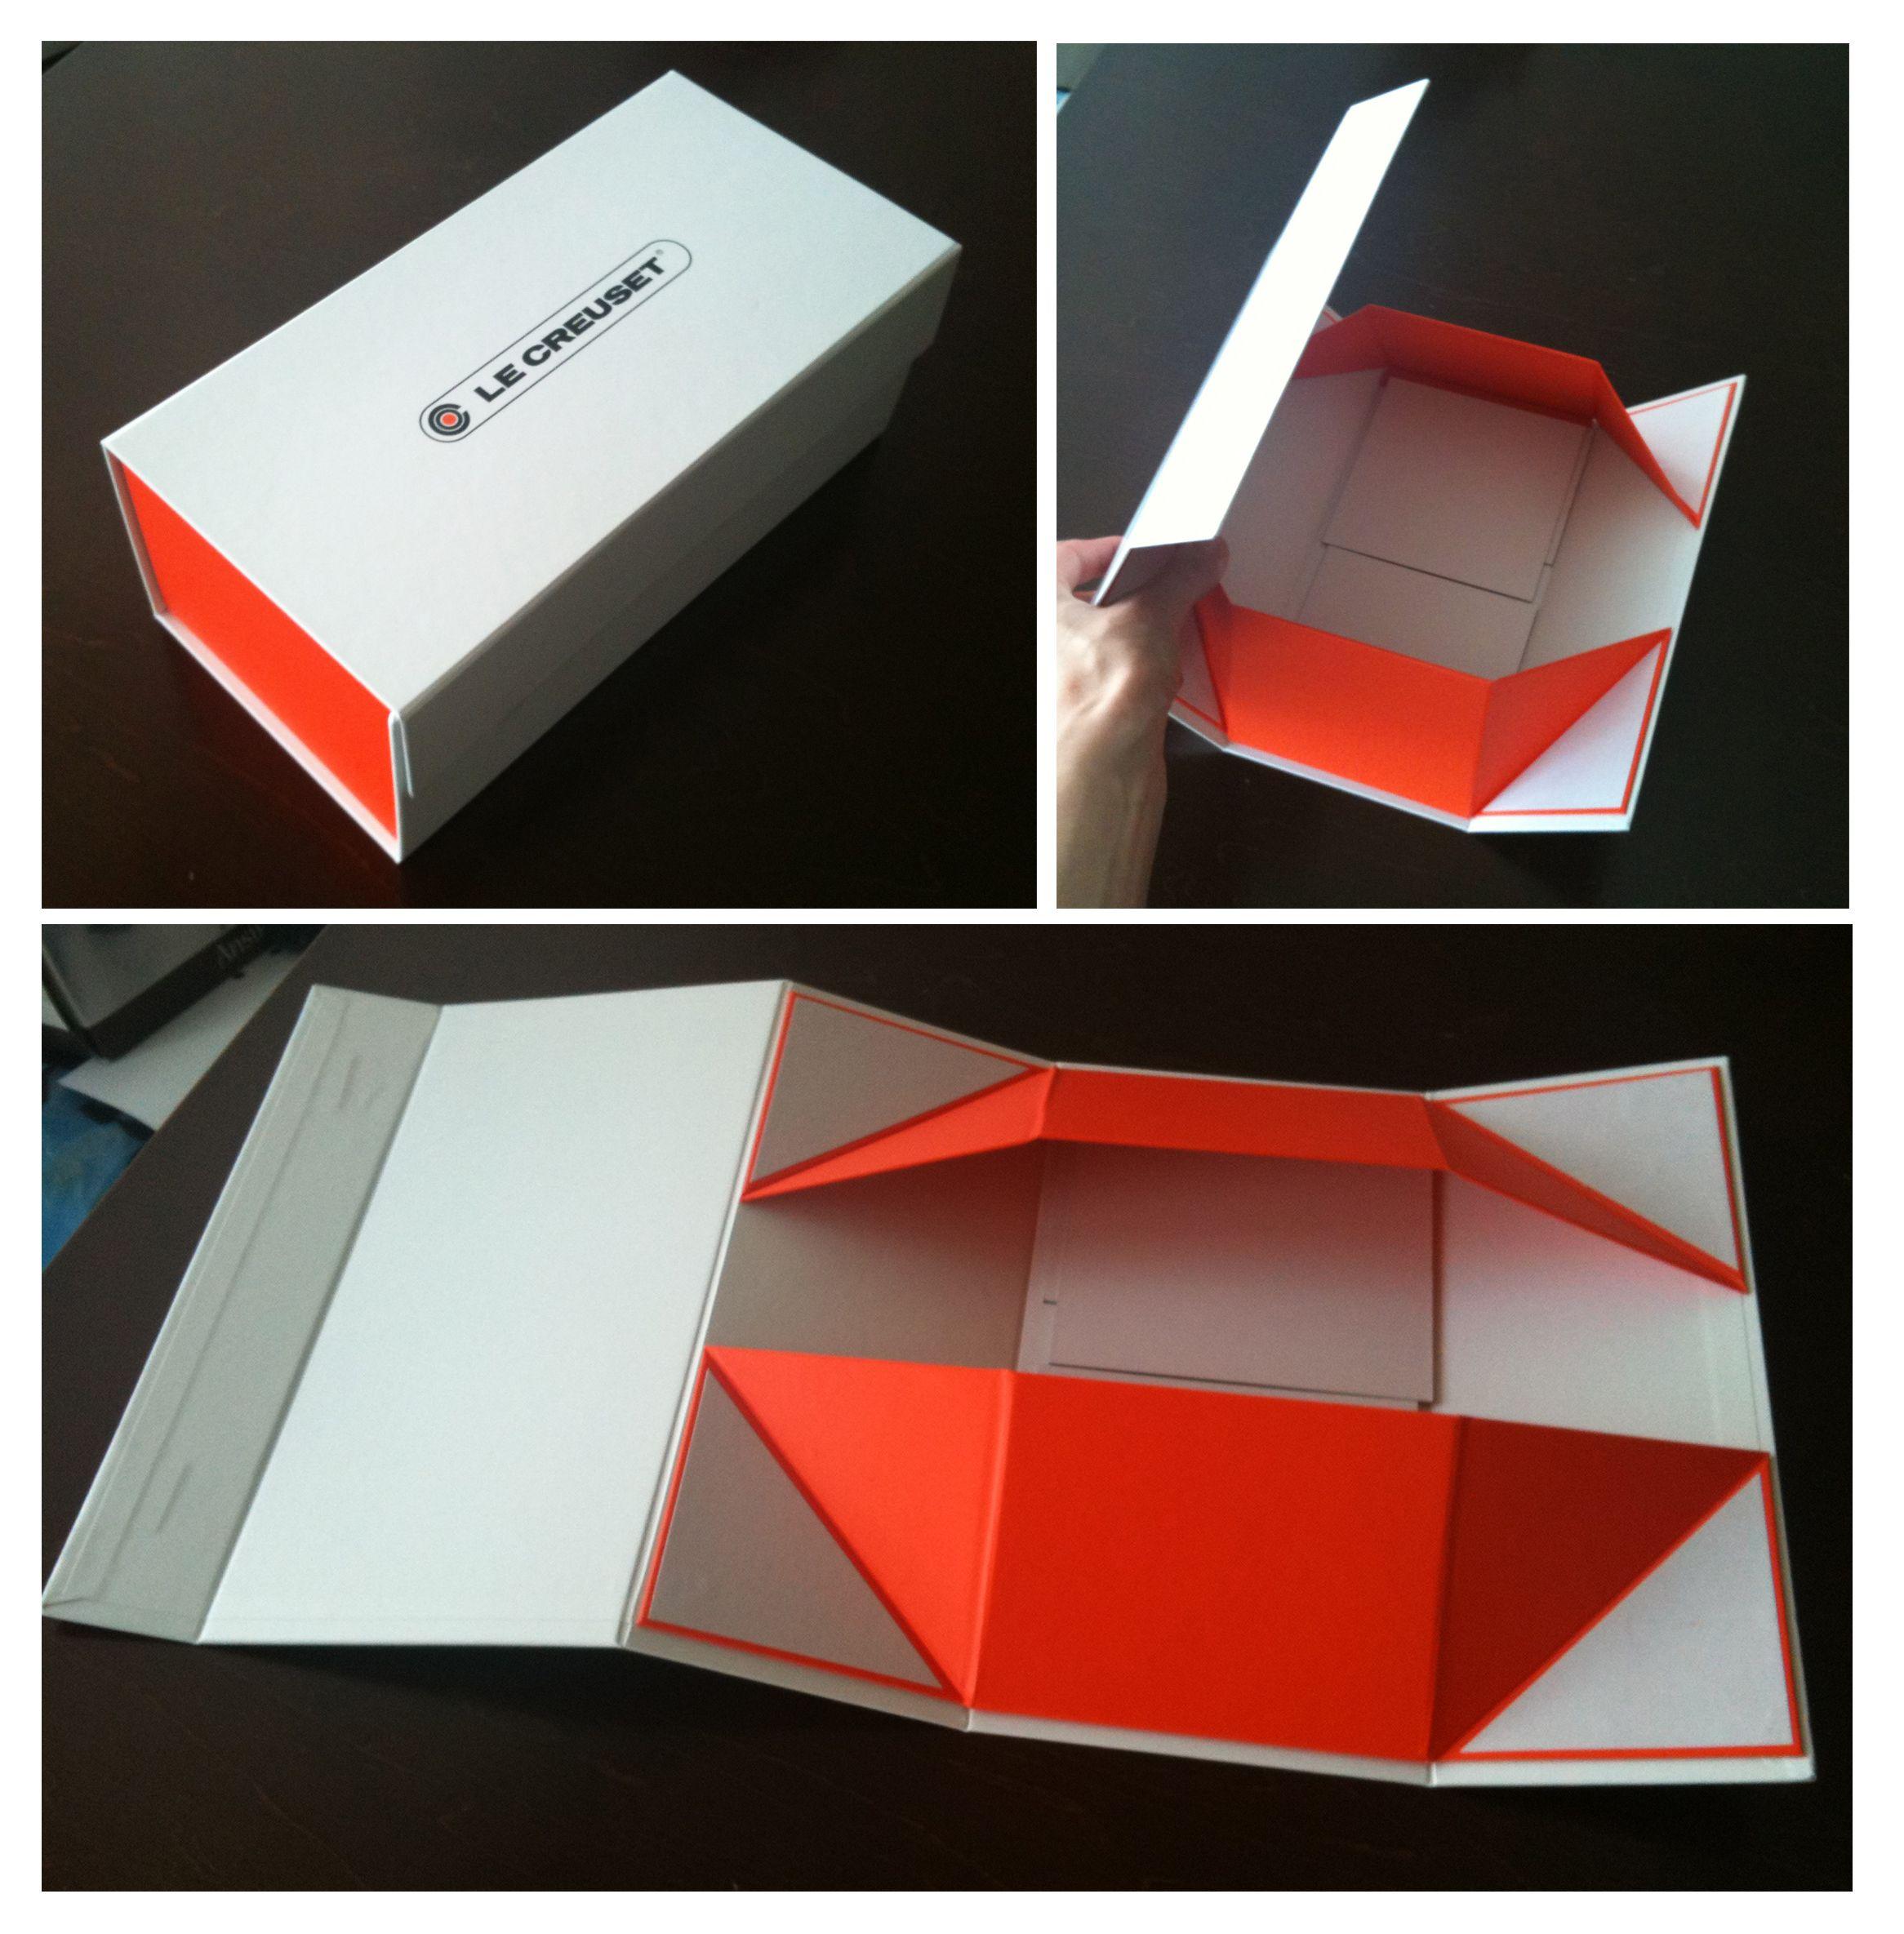 le-creuset-packaging1.jpg 2.332×2.369 piksel